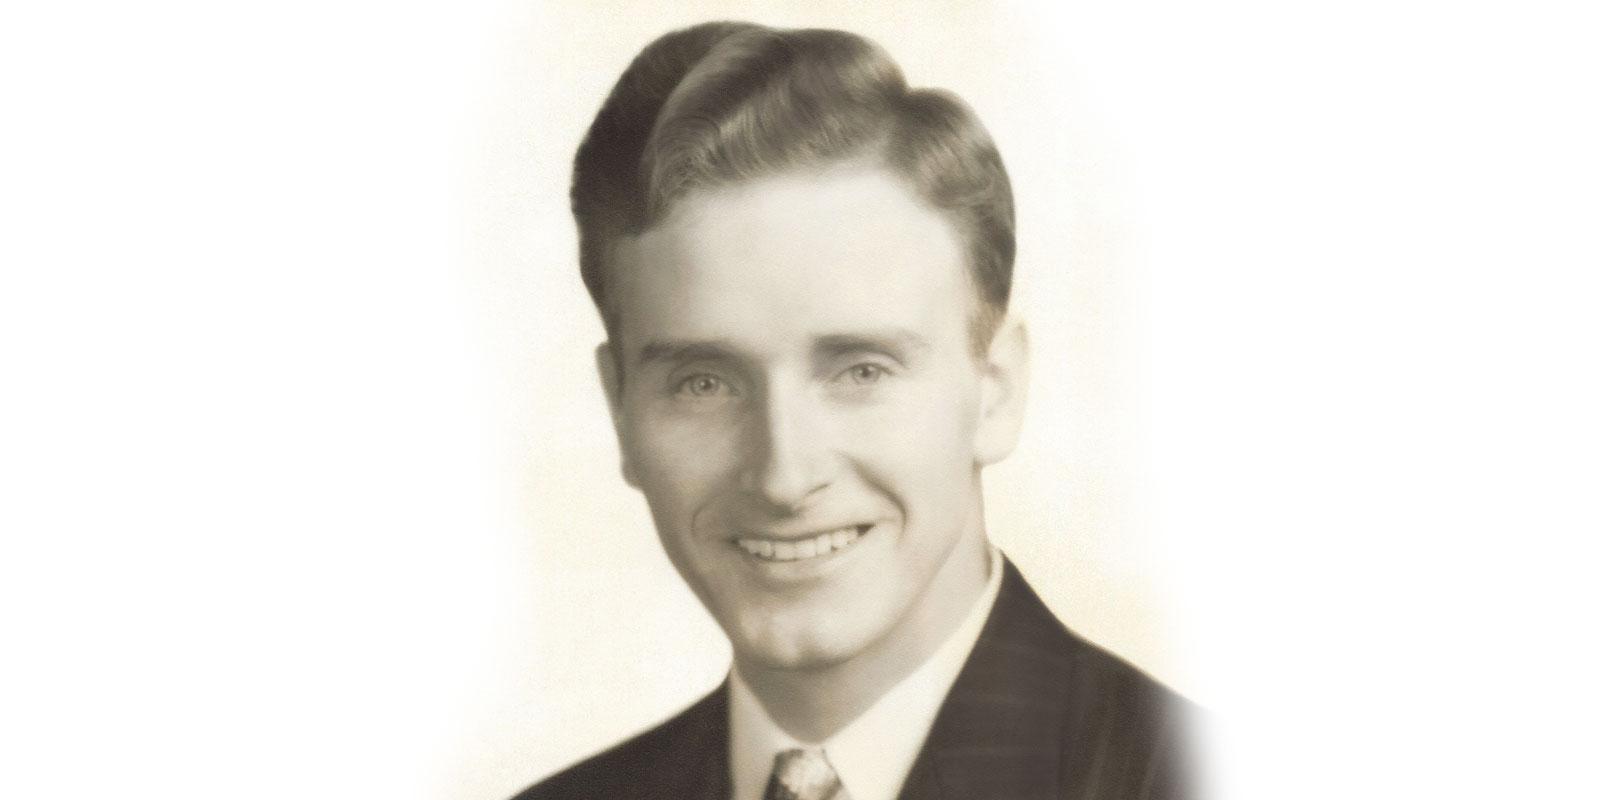 Bernard Fritzke